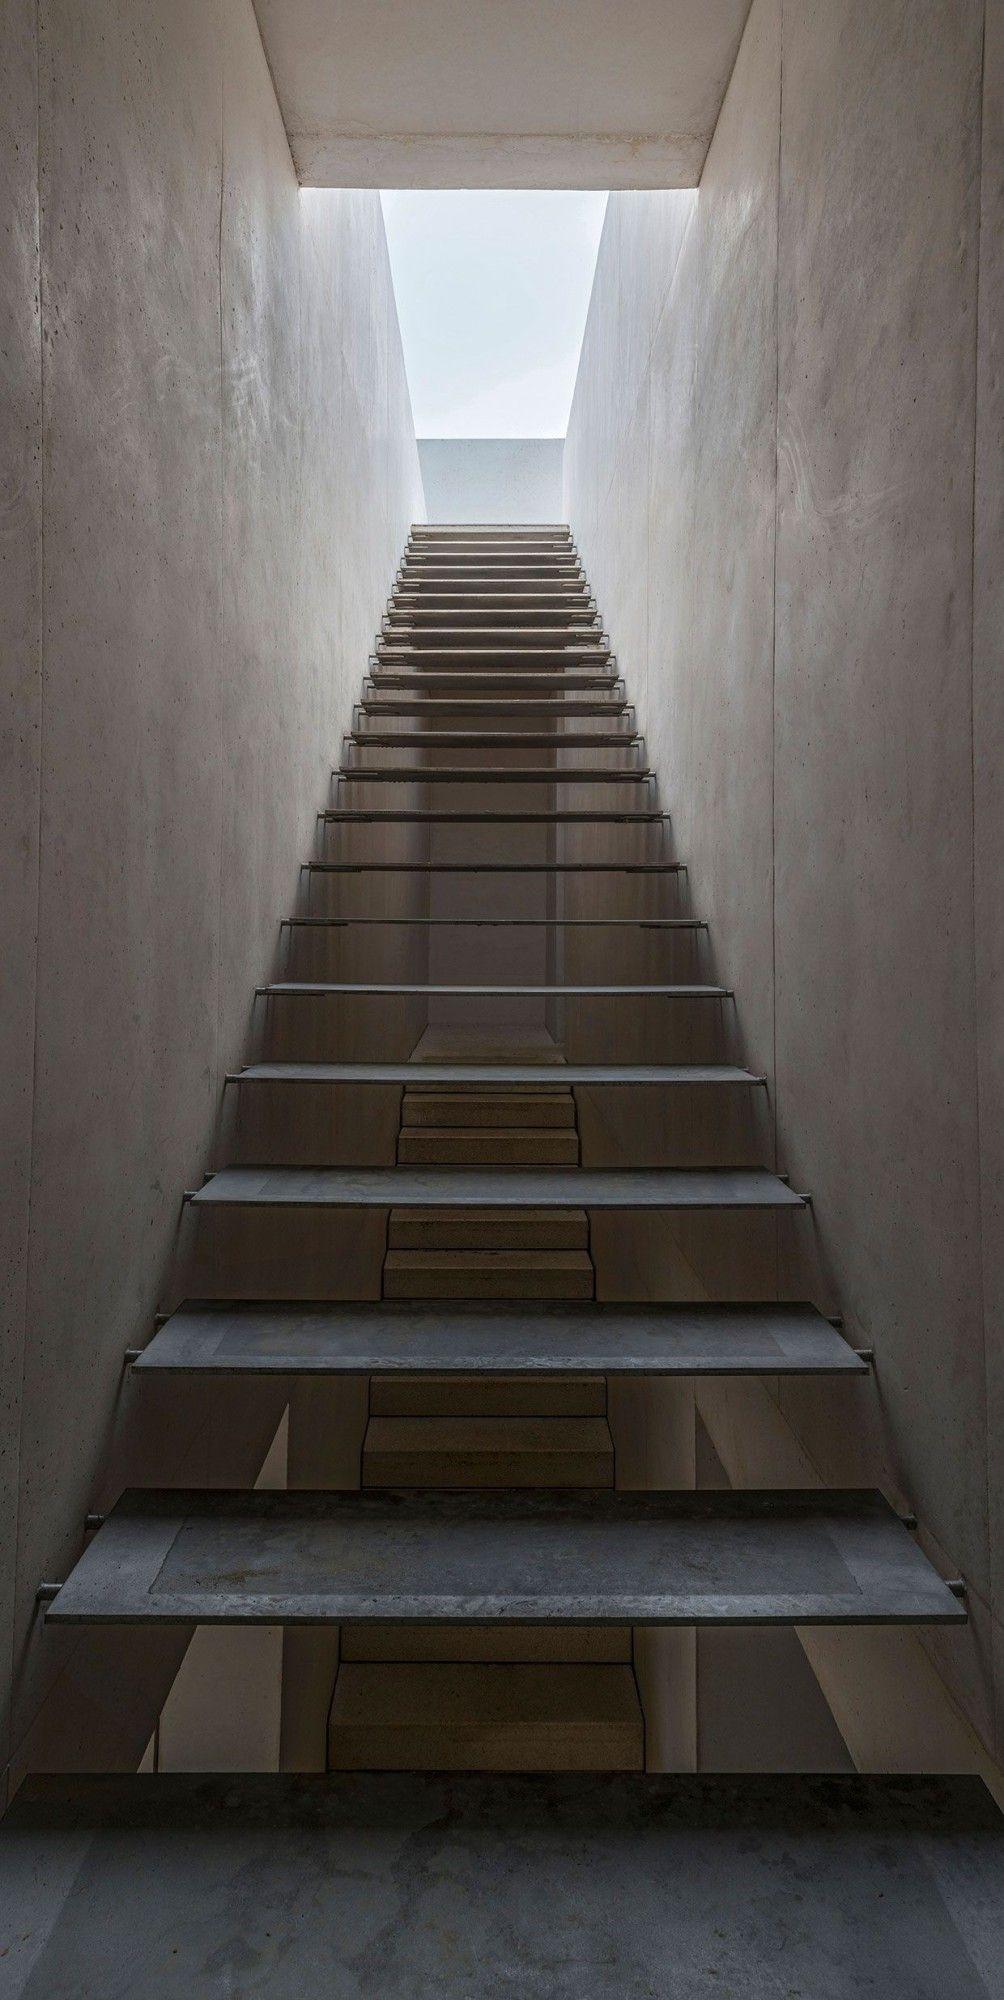 Rcr malecaze house vieille toulouse 15 rcr - Diseno de escaleras interiores ...